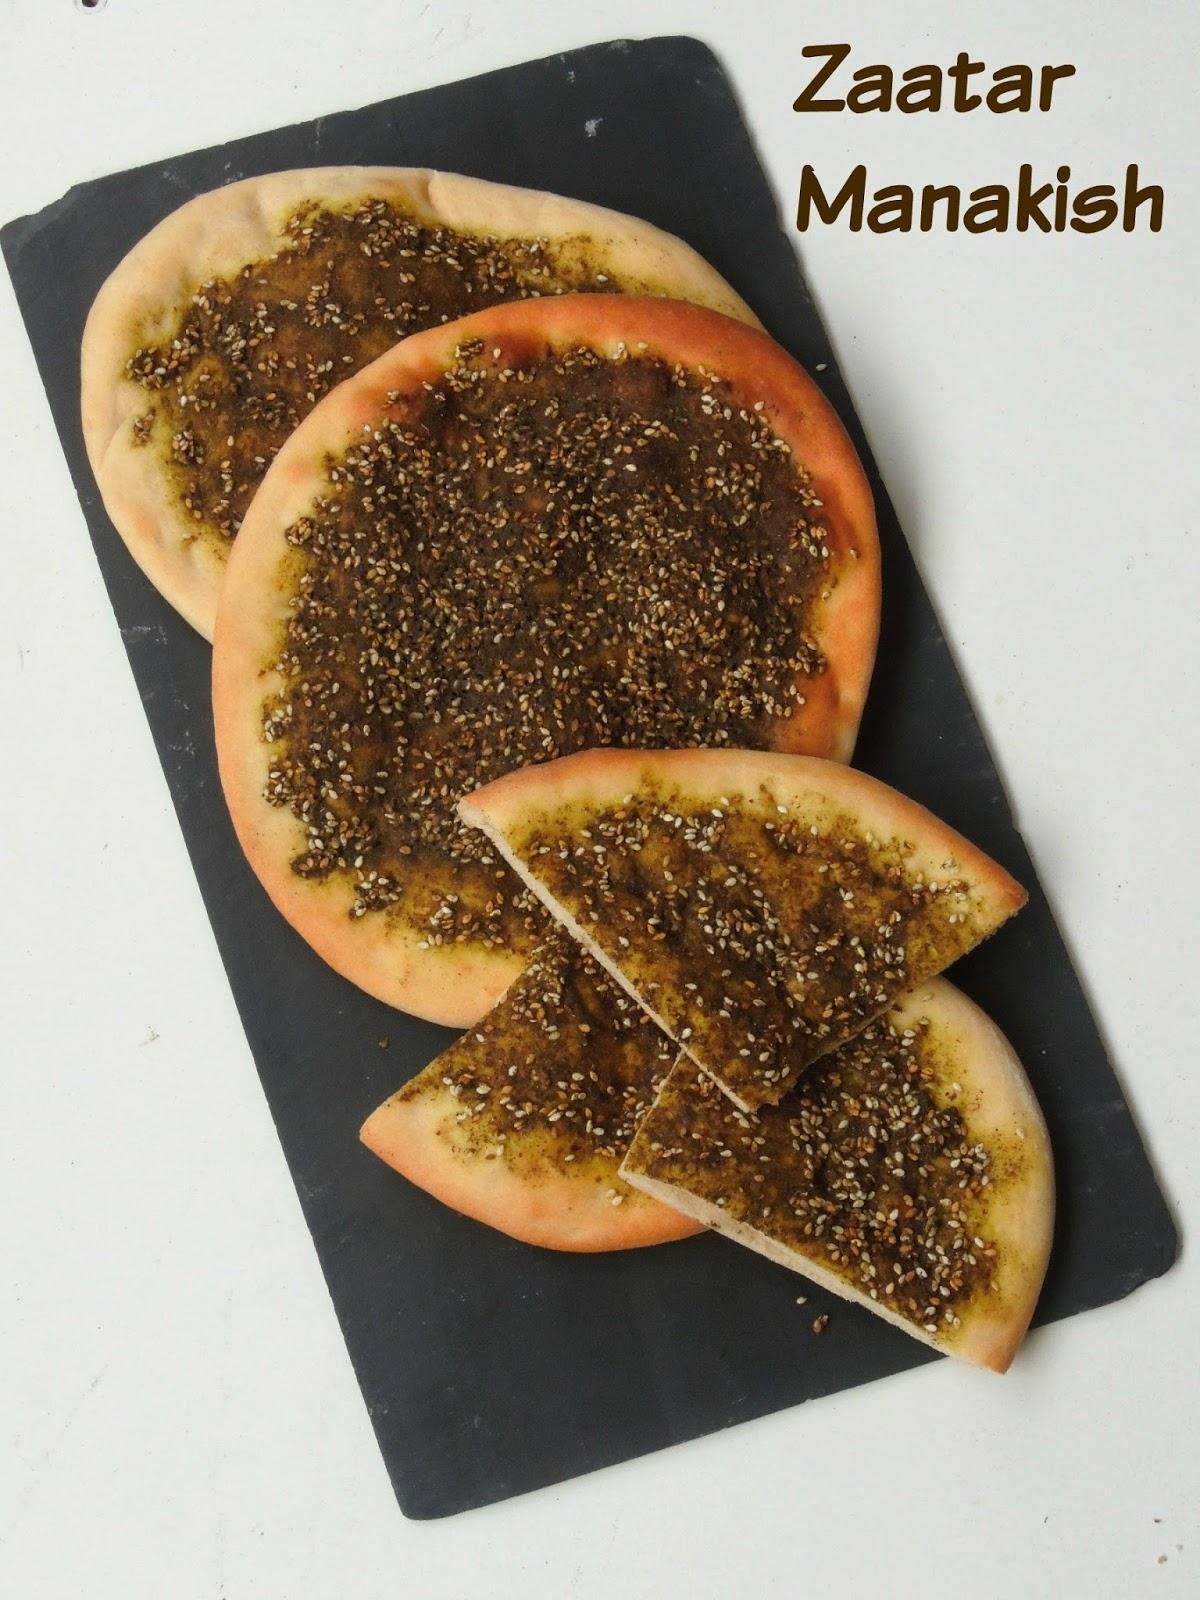 13+ Za'atar Manakish/Manakish Zaatar/Lebanese Spiced Pita Bread Image